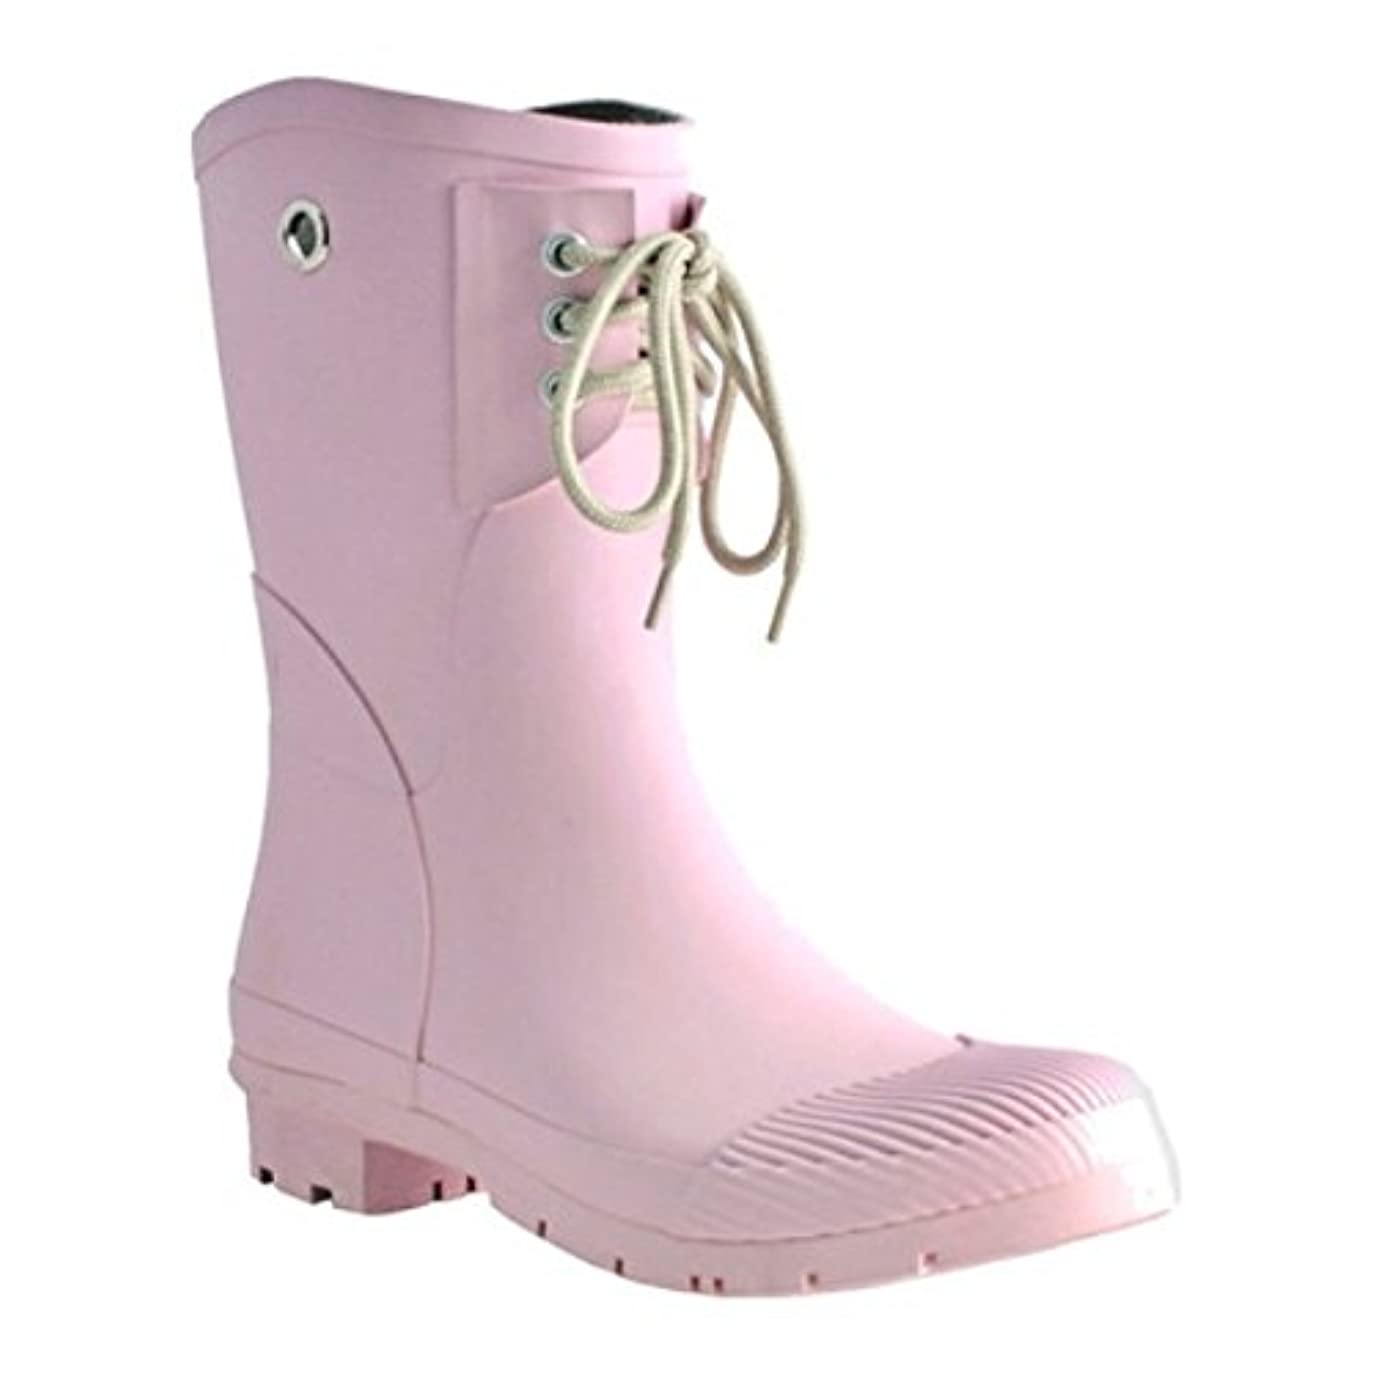 第九ベックス割れ目(ノマド) Nomad レディース シューズ?靴 ブーツ Kelly B Rain Boot [並行輸入品]